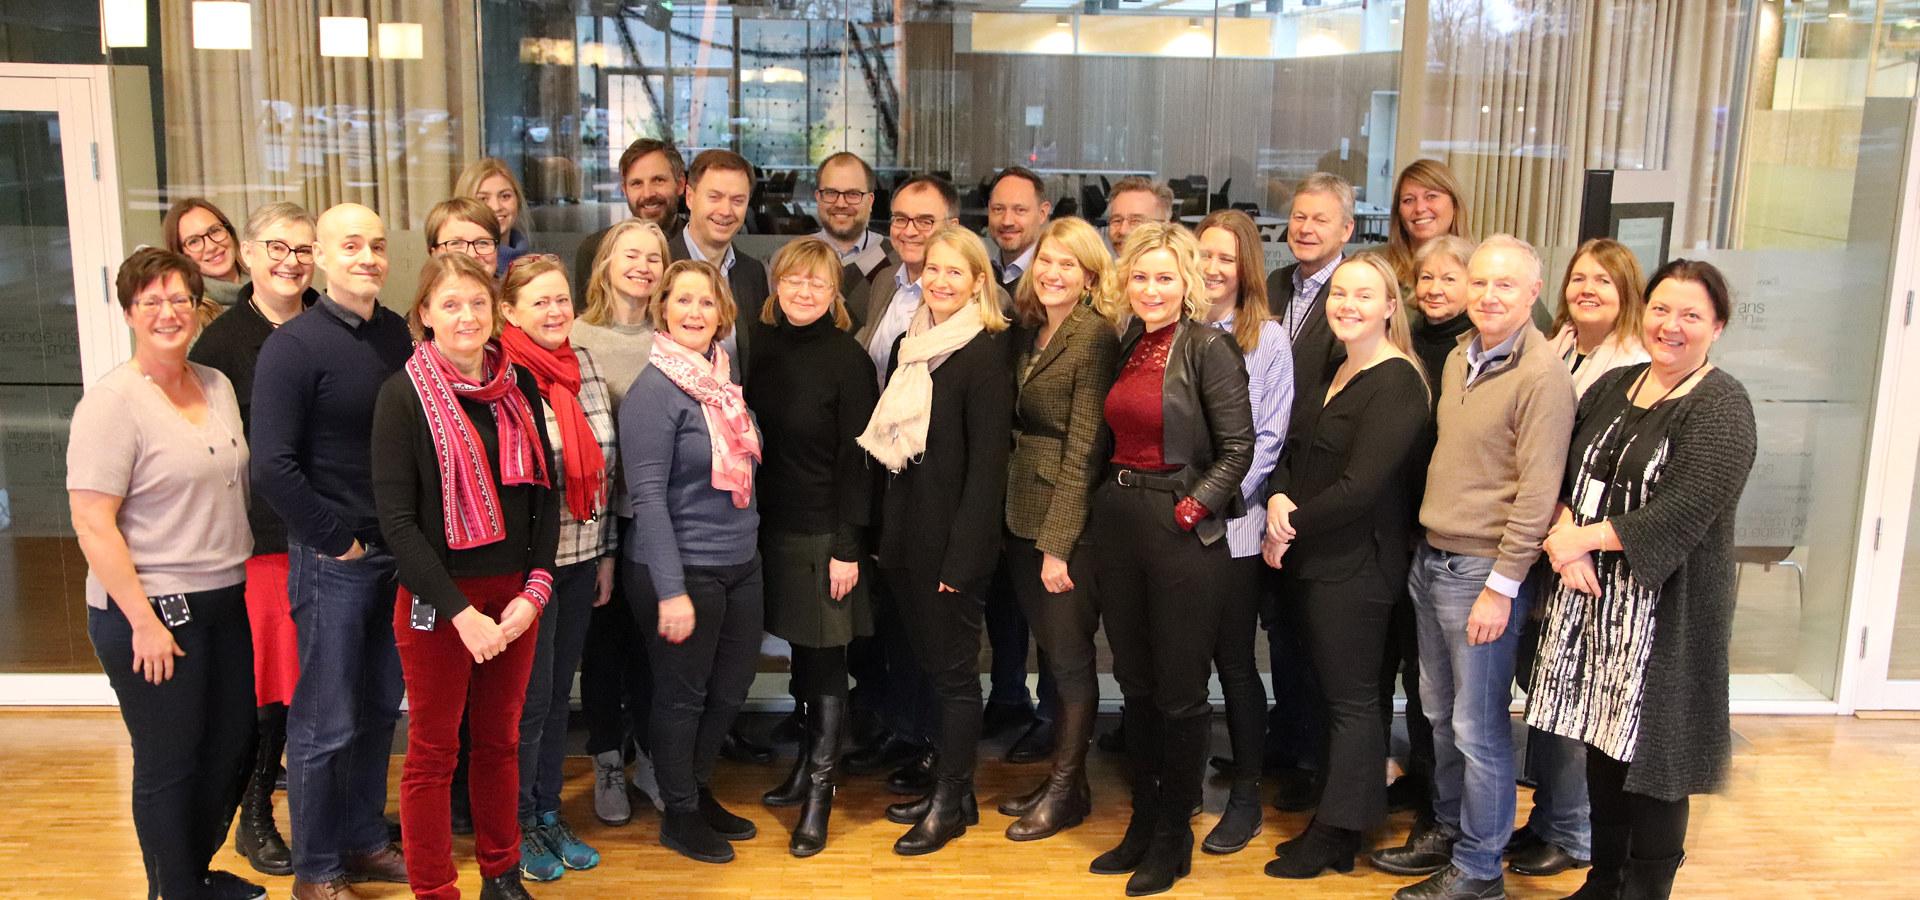 Administrasjonen i Norsk Industri desember 2019. Foto: Norsk Industri